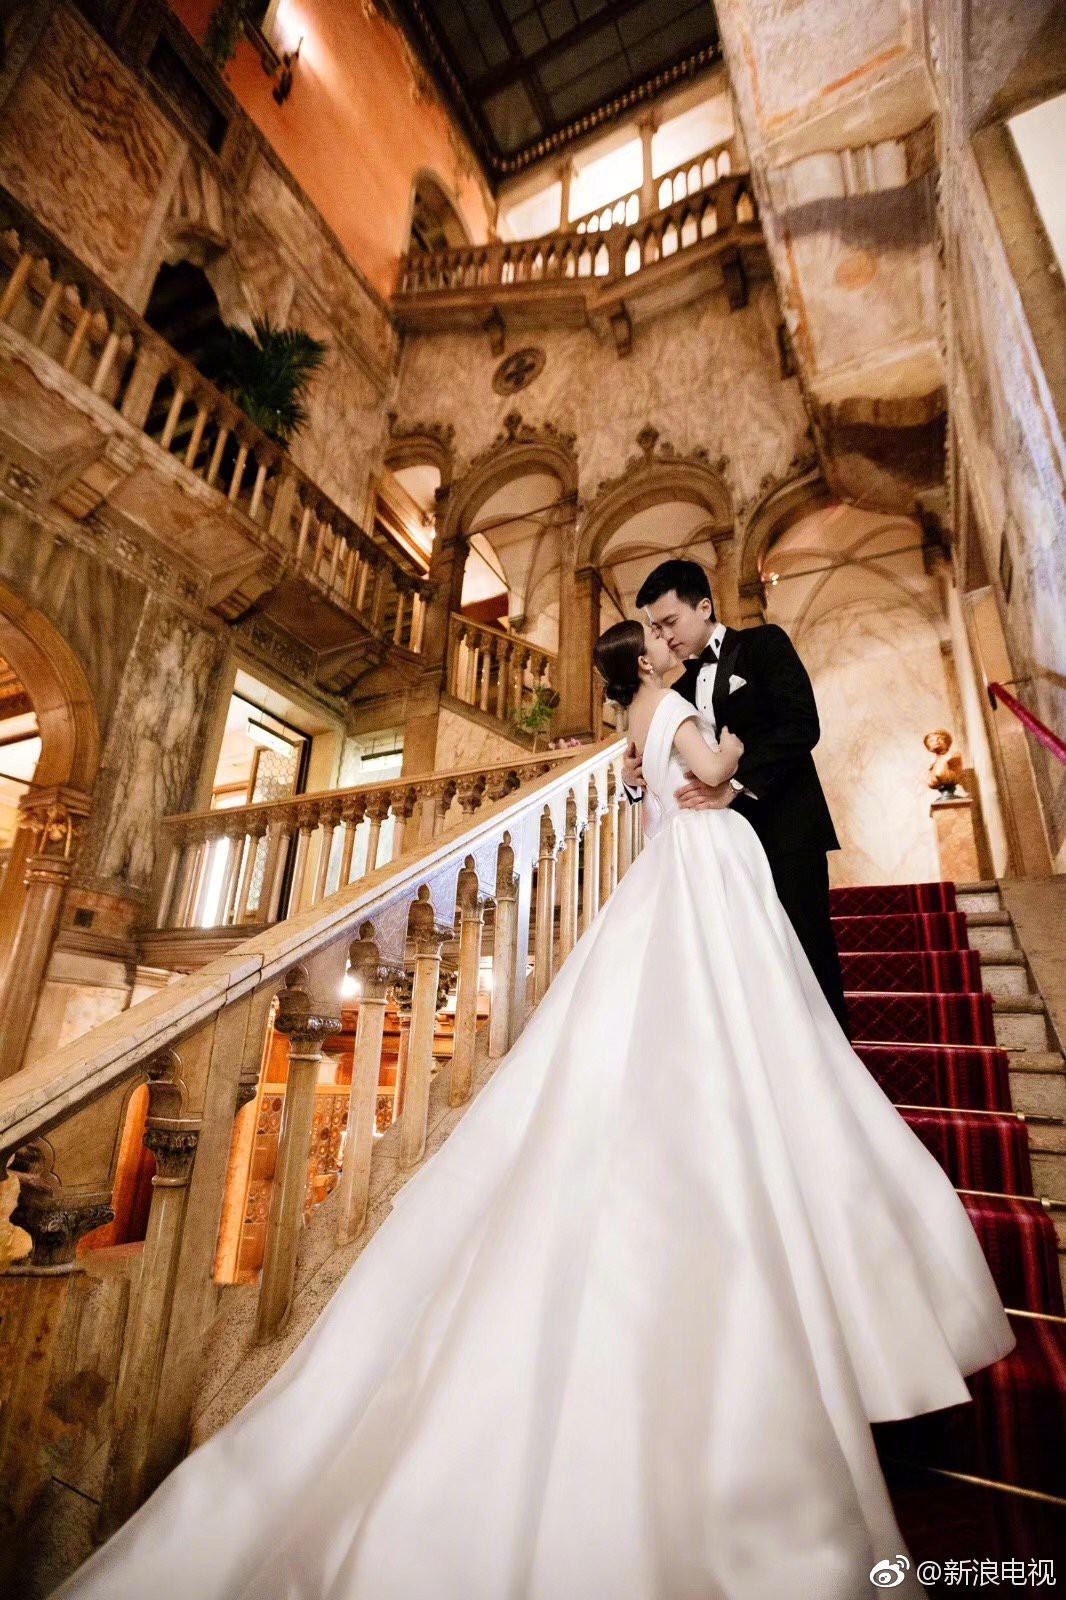 """""""Thần tiên tỷ tỷ"""" lộ ảnh cưới đẹp như cổ tích, chuẩn bị kết hôn với bạn trai giàu có vào tháng 10 năm nay? - Ảnh 8."""